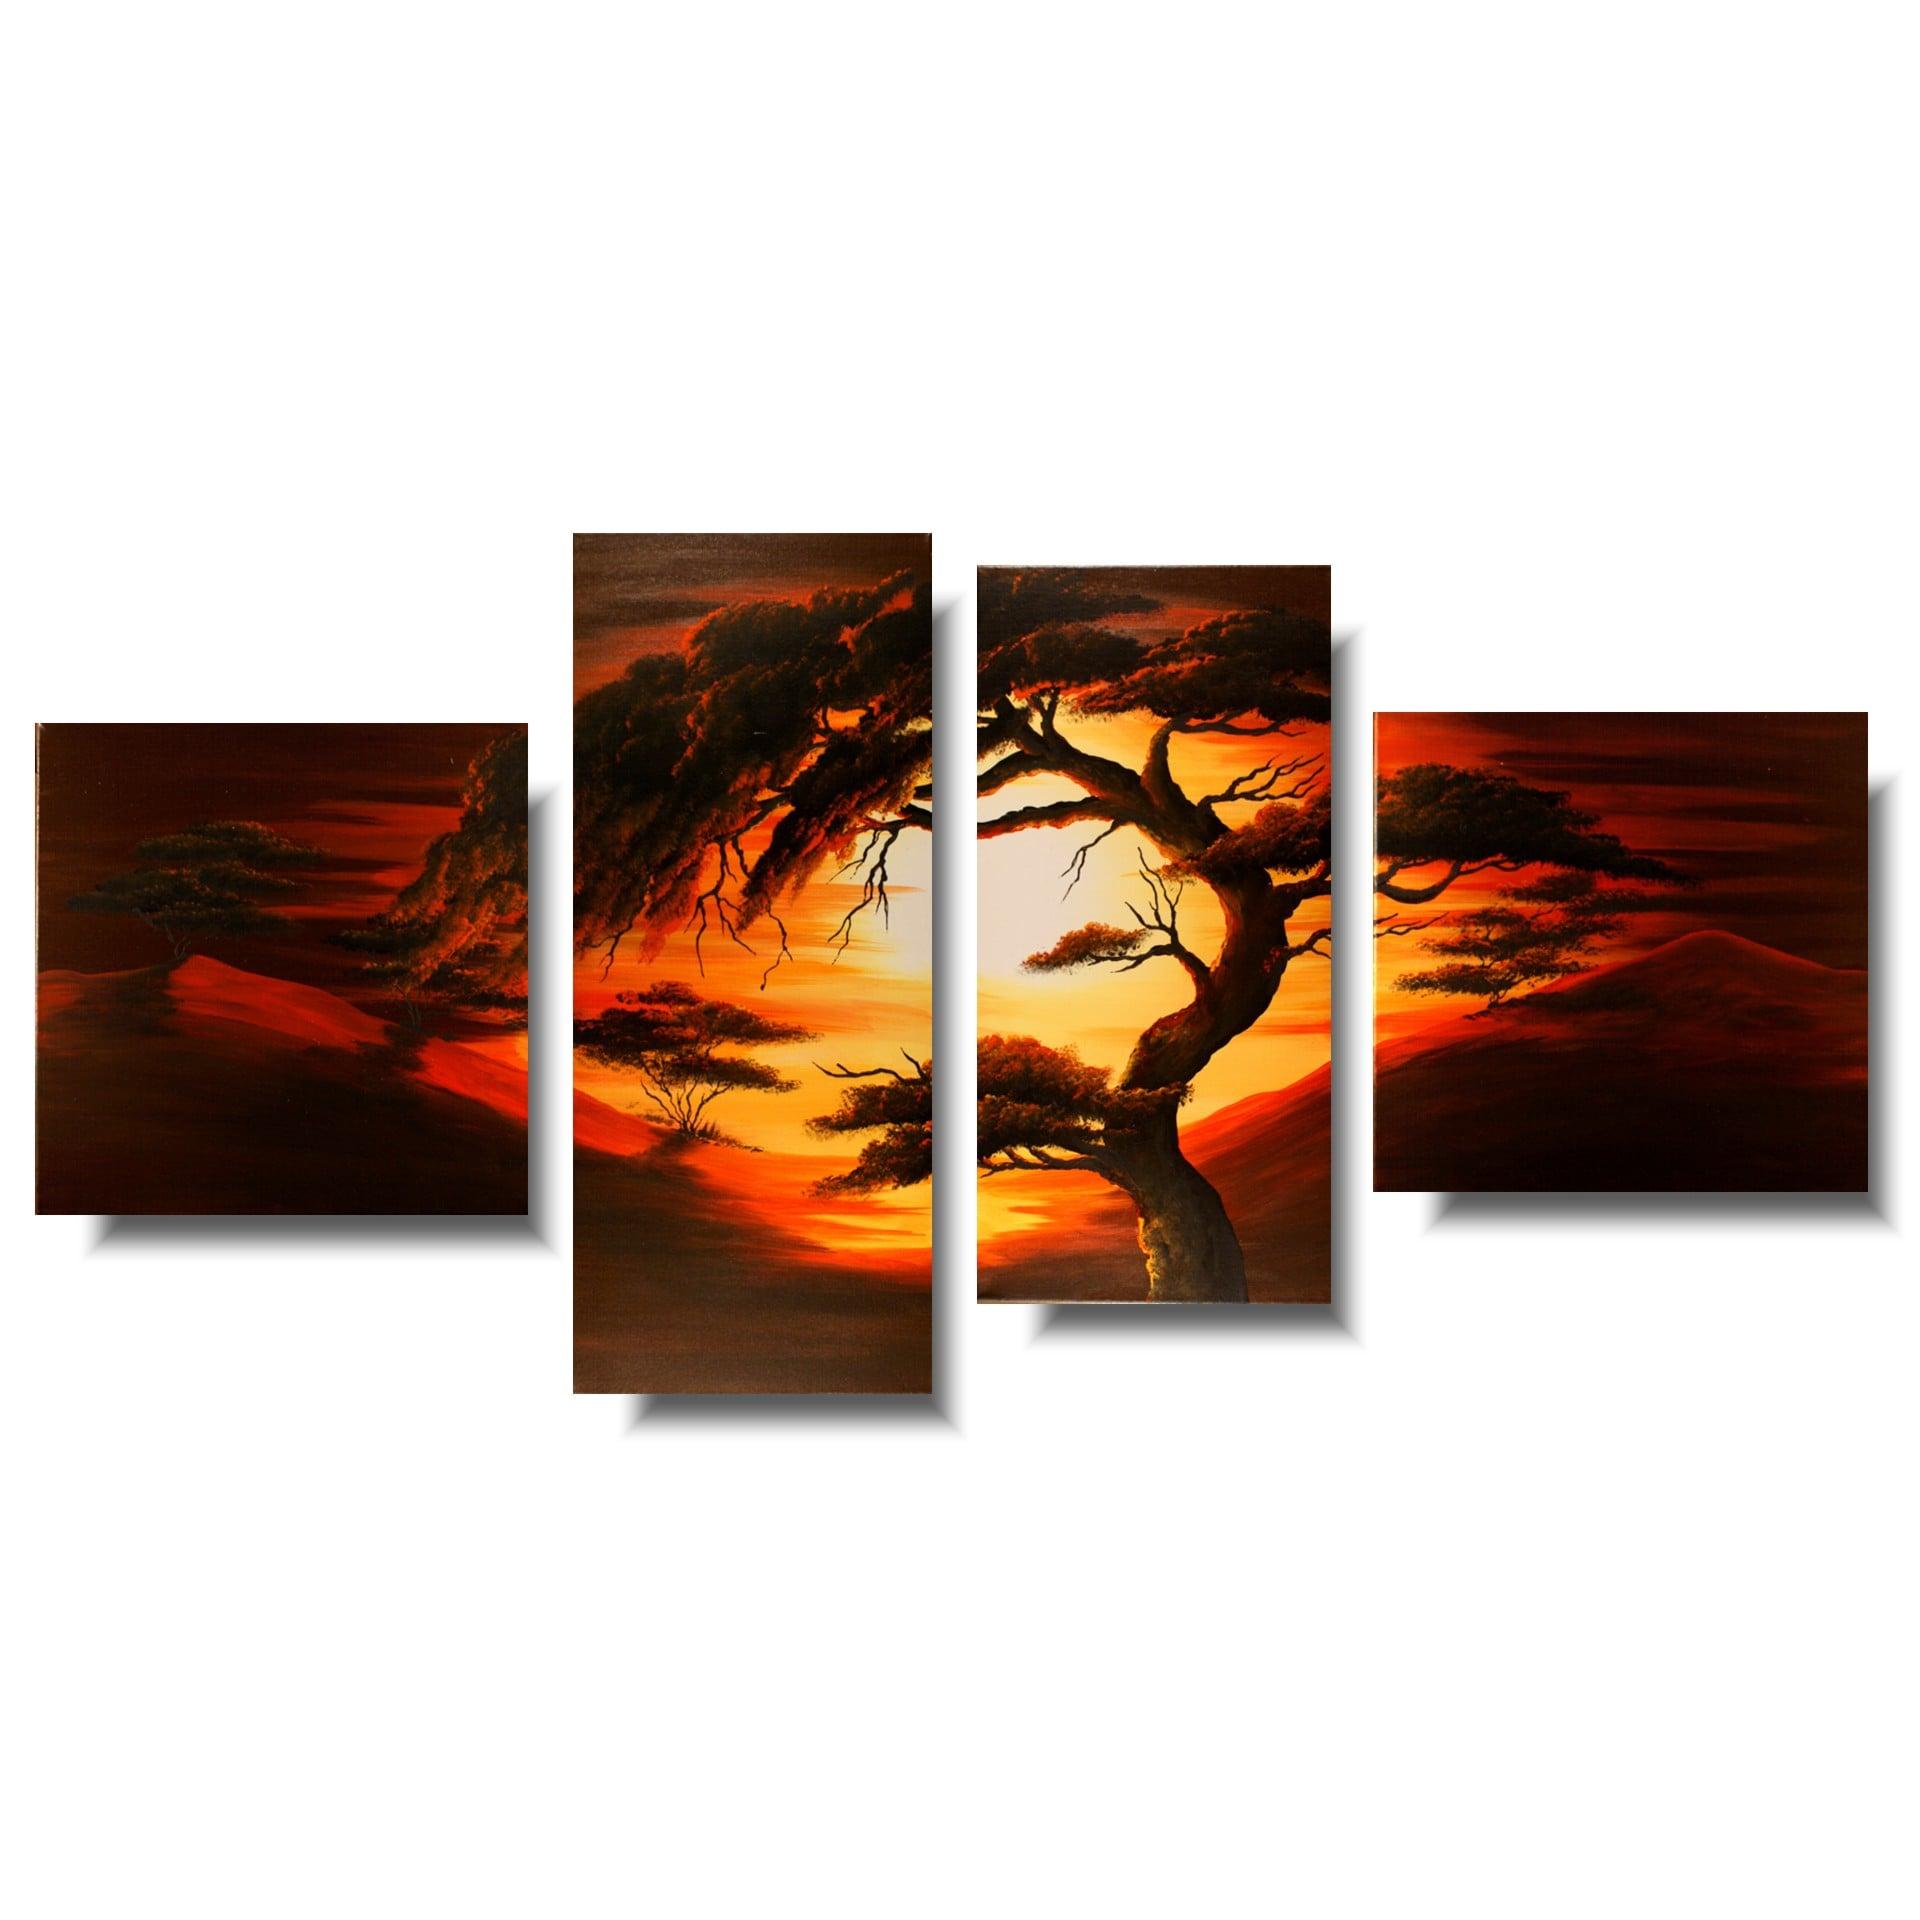 obraz akrylowy z drzewem 80